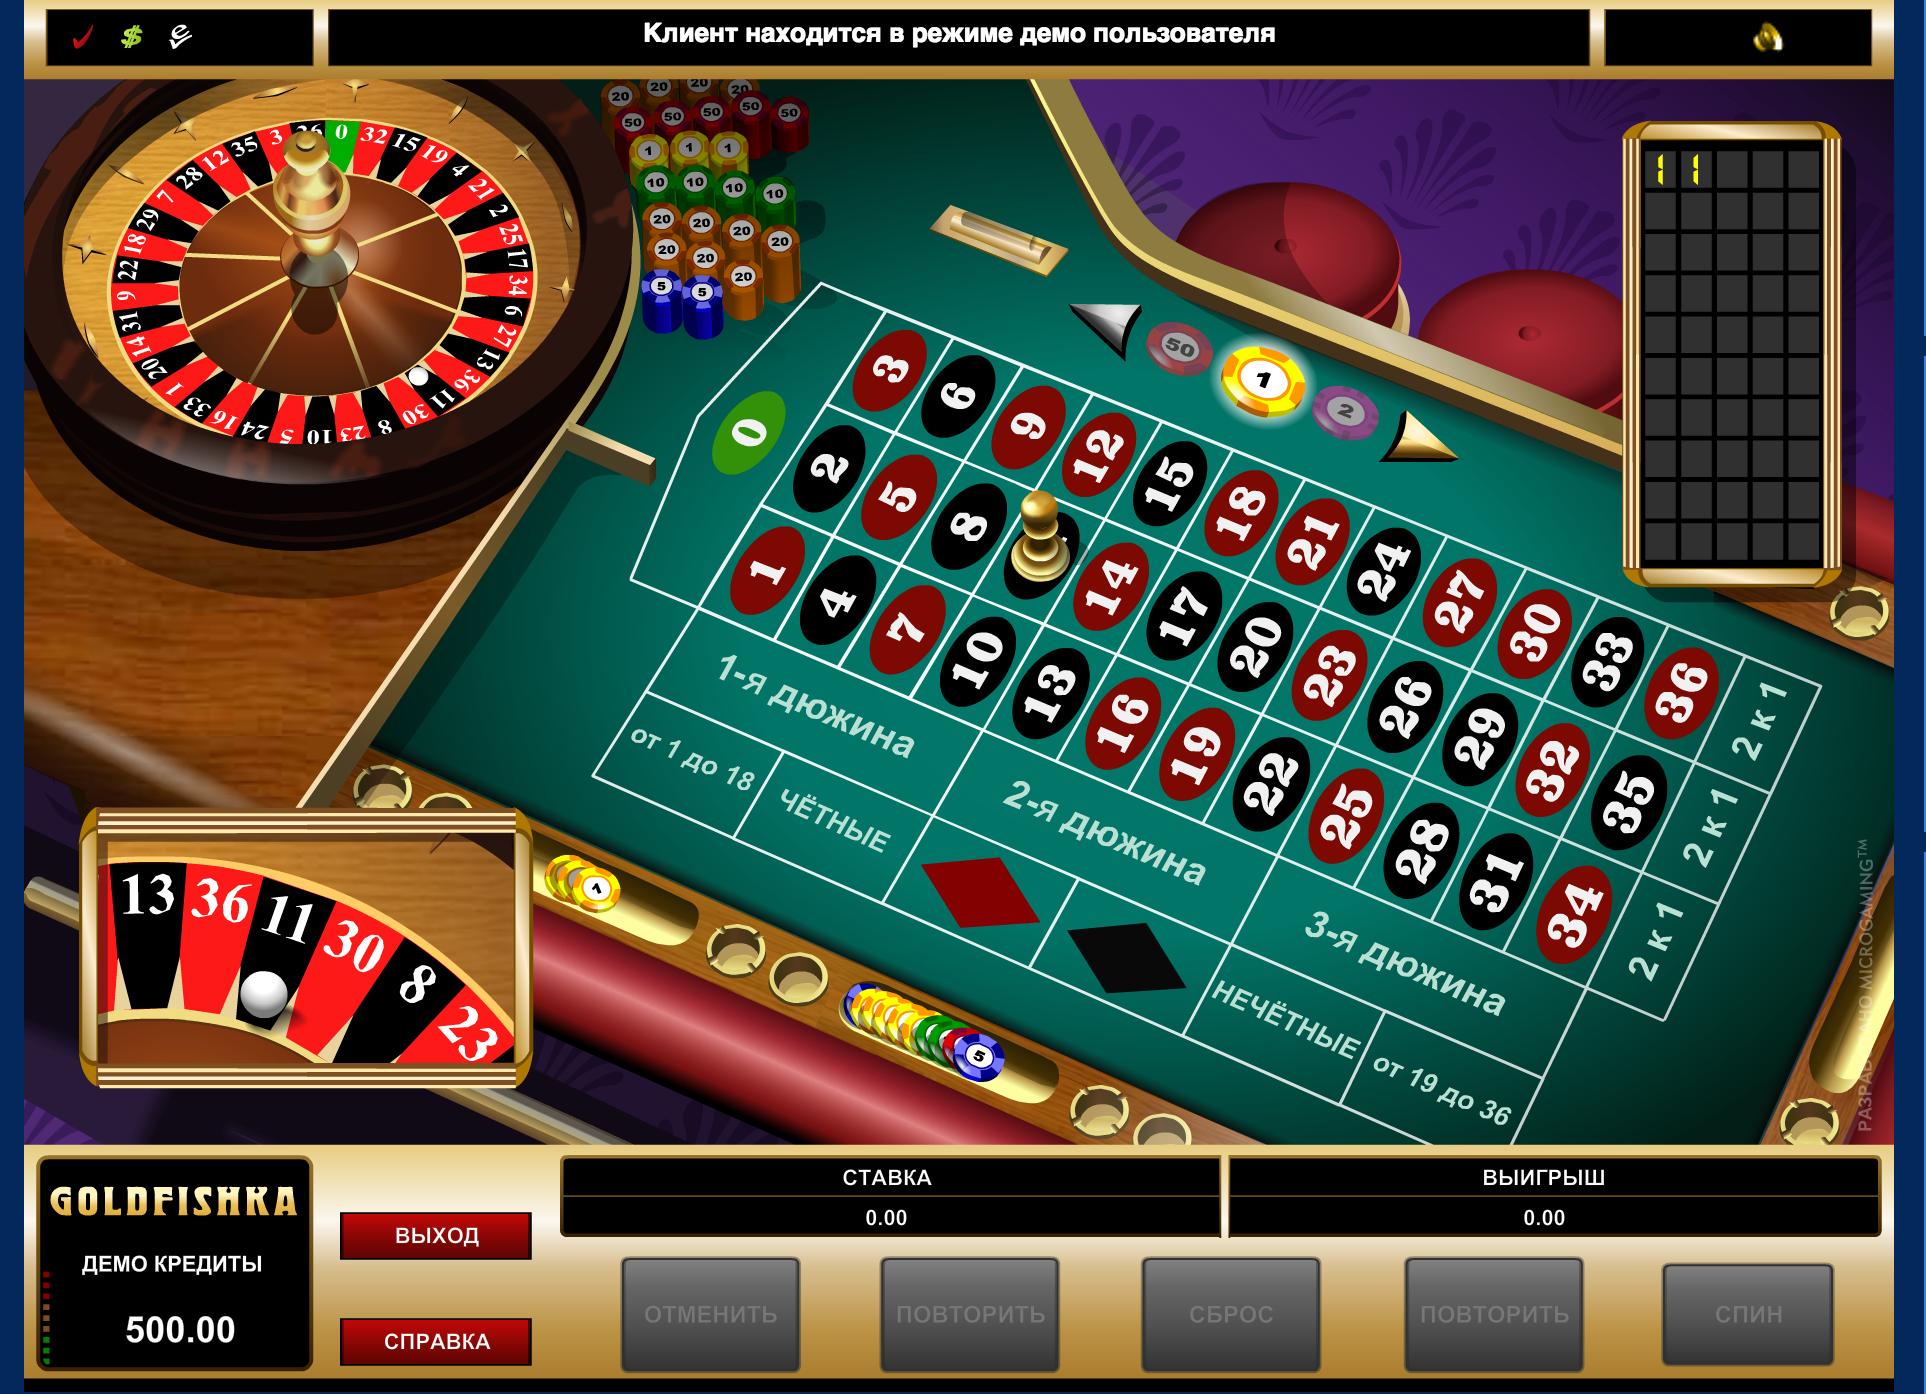 Лицензии на азартные игры от минфина украины игра